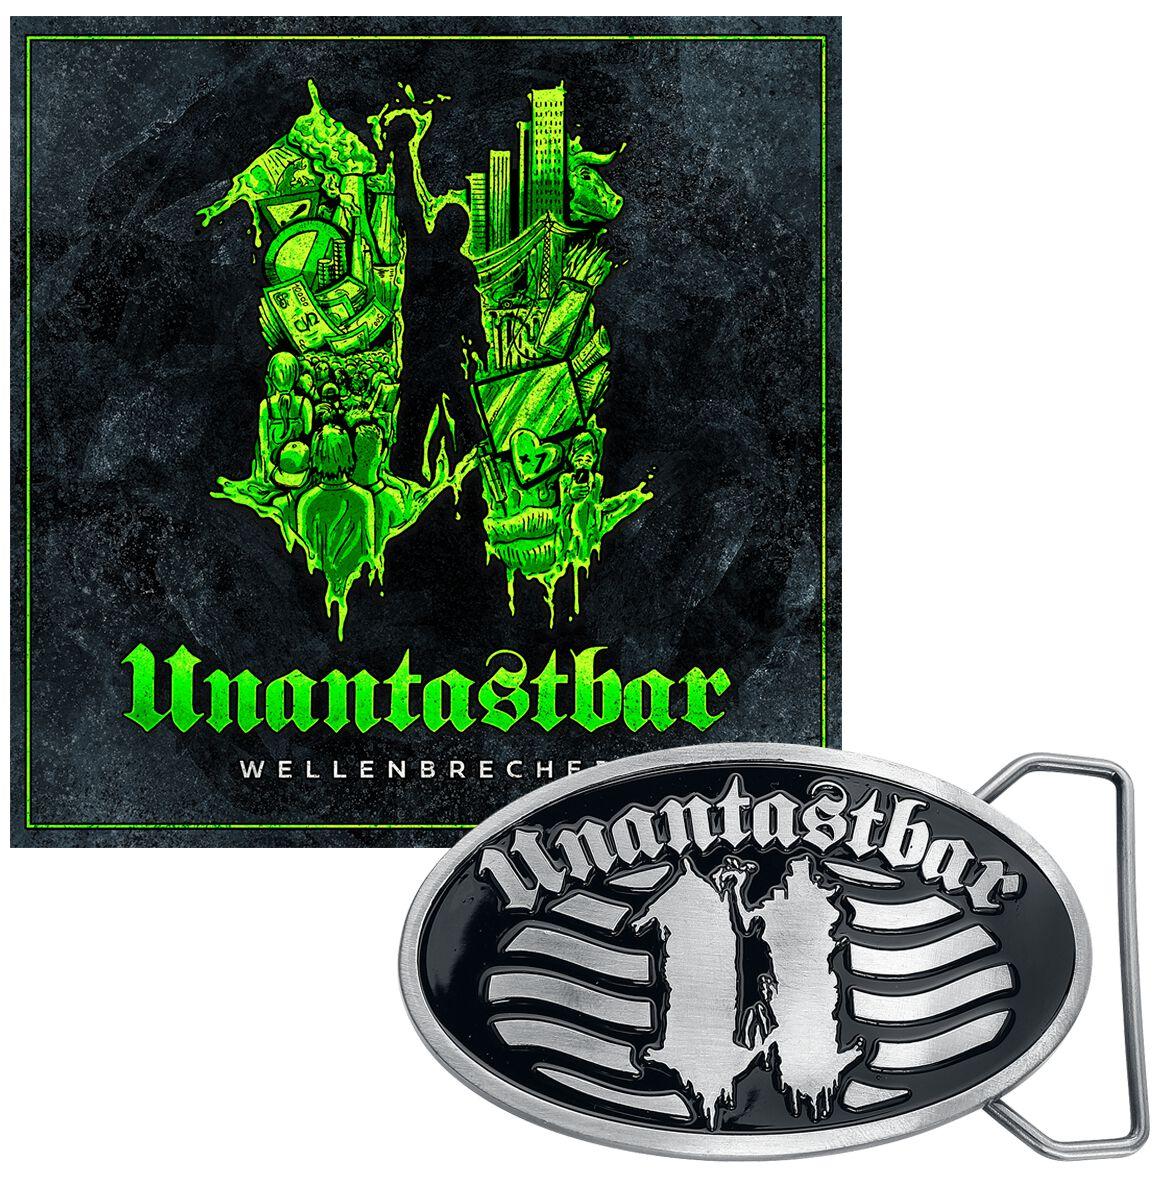 Image of Unantastbar Wellenbrecher CD & Gürtelschnalle Standard